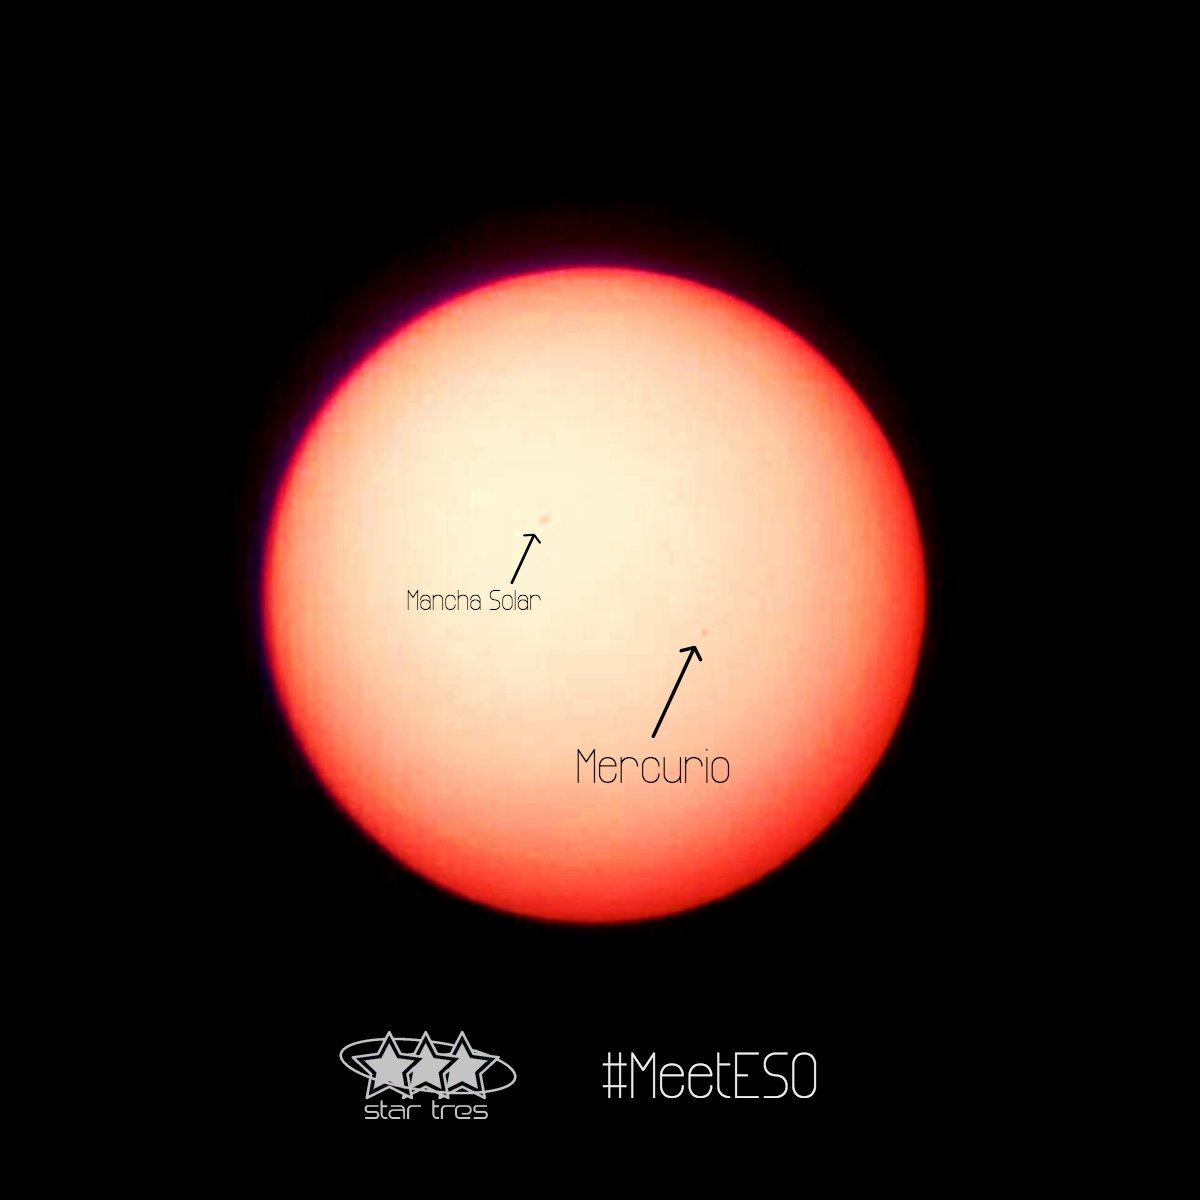 Tránsito de #Mercurio desde @ESO Garching. #MeetESO #Astronomy Créditos: @MatiasBlana @Karolniai https://t.co/Ad4BbcSMhP